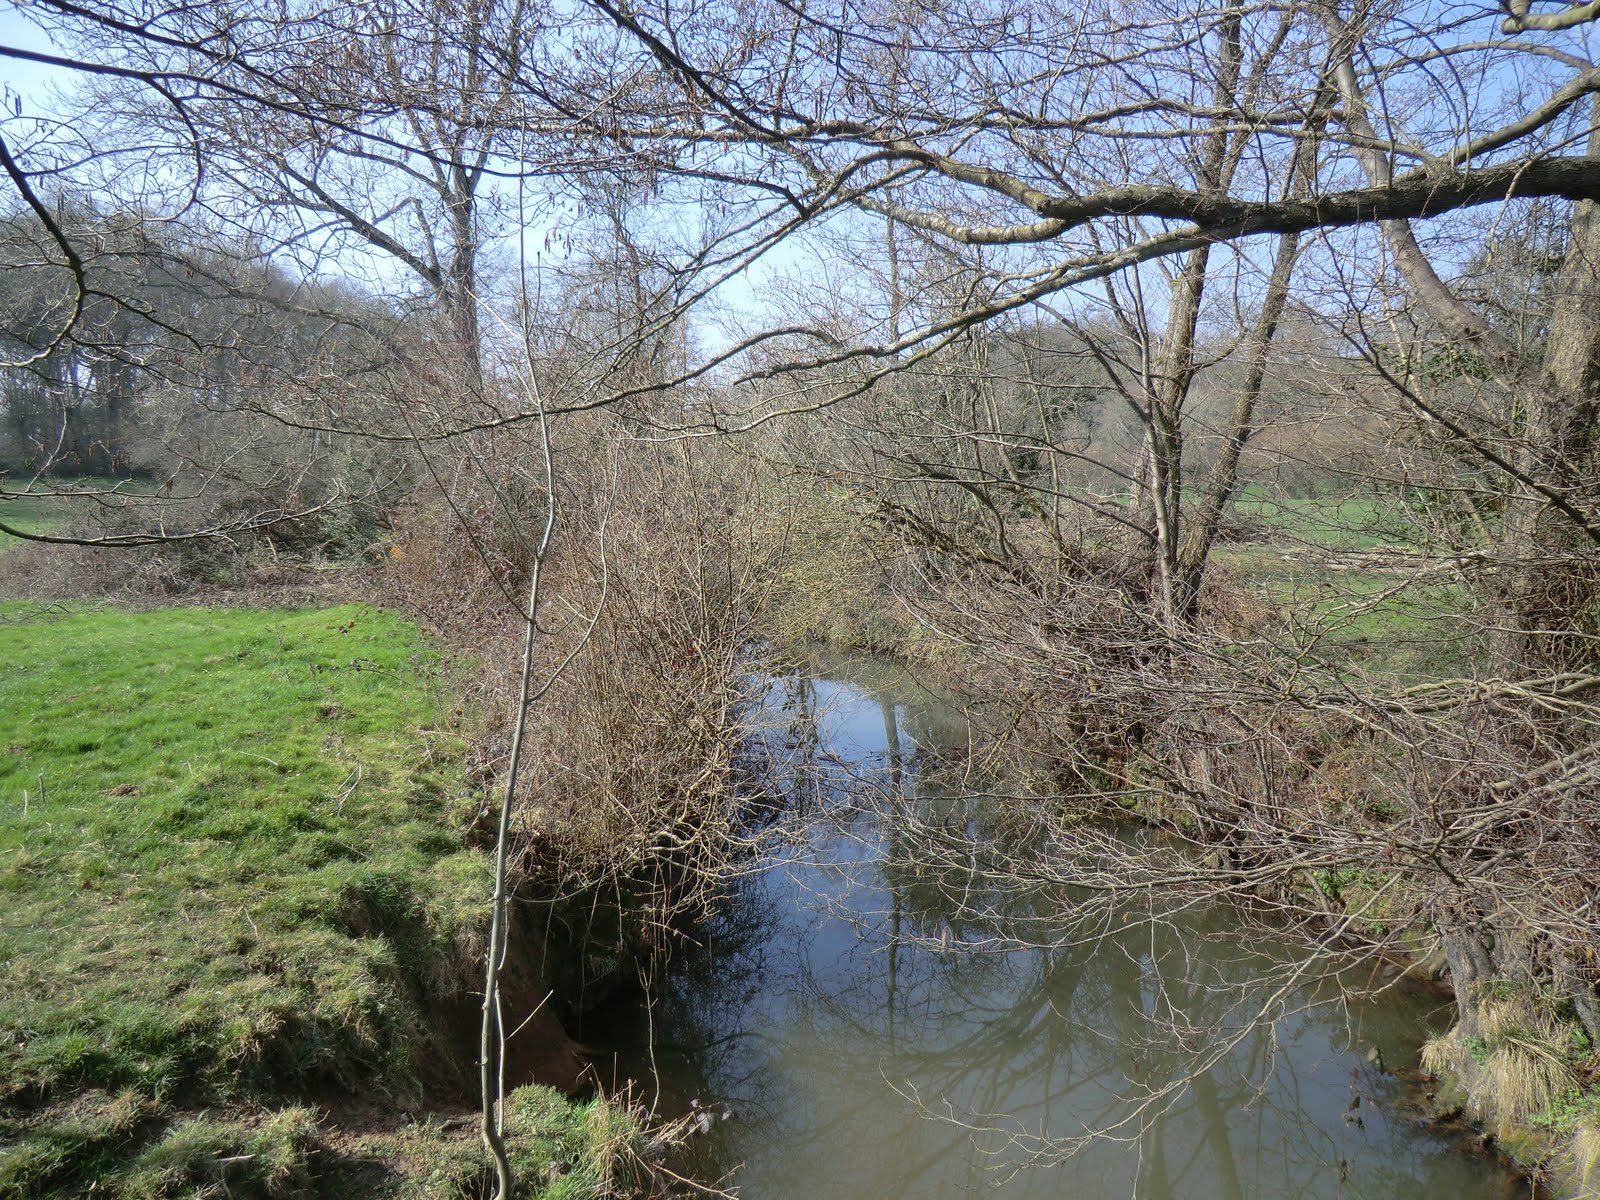 CIMG2077 River Ouse, Ardingly